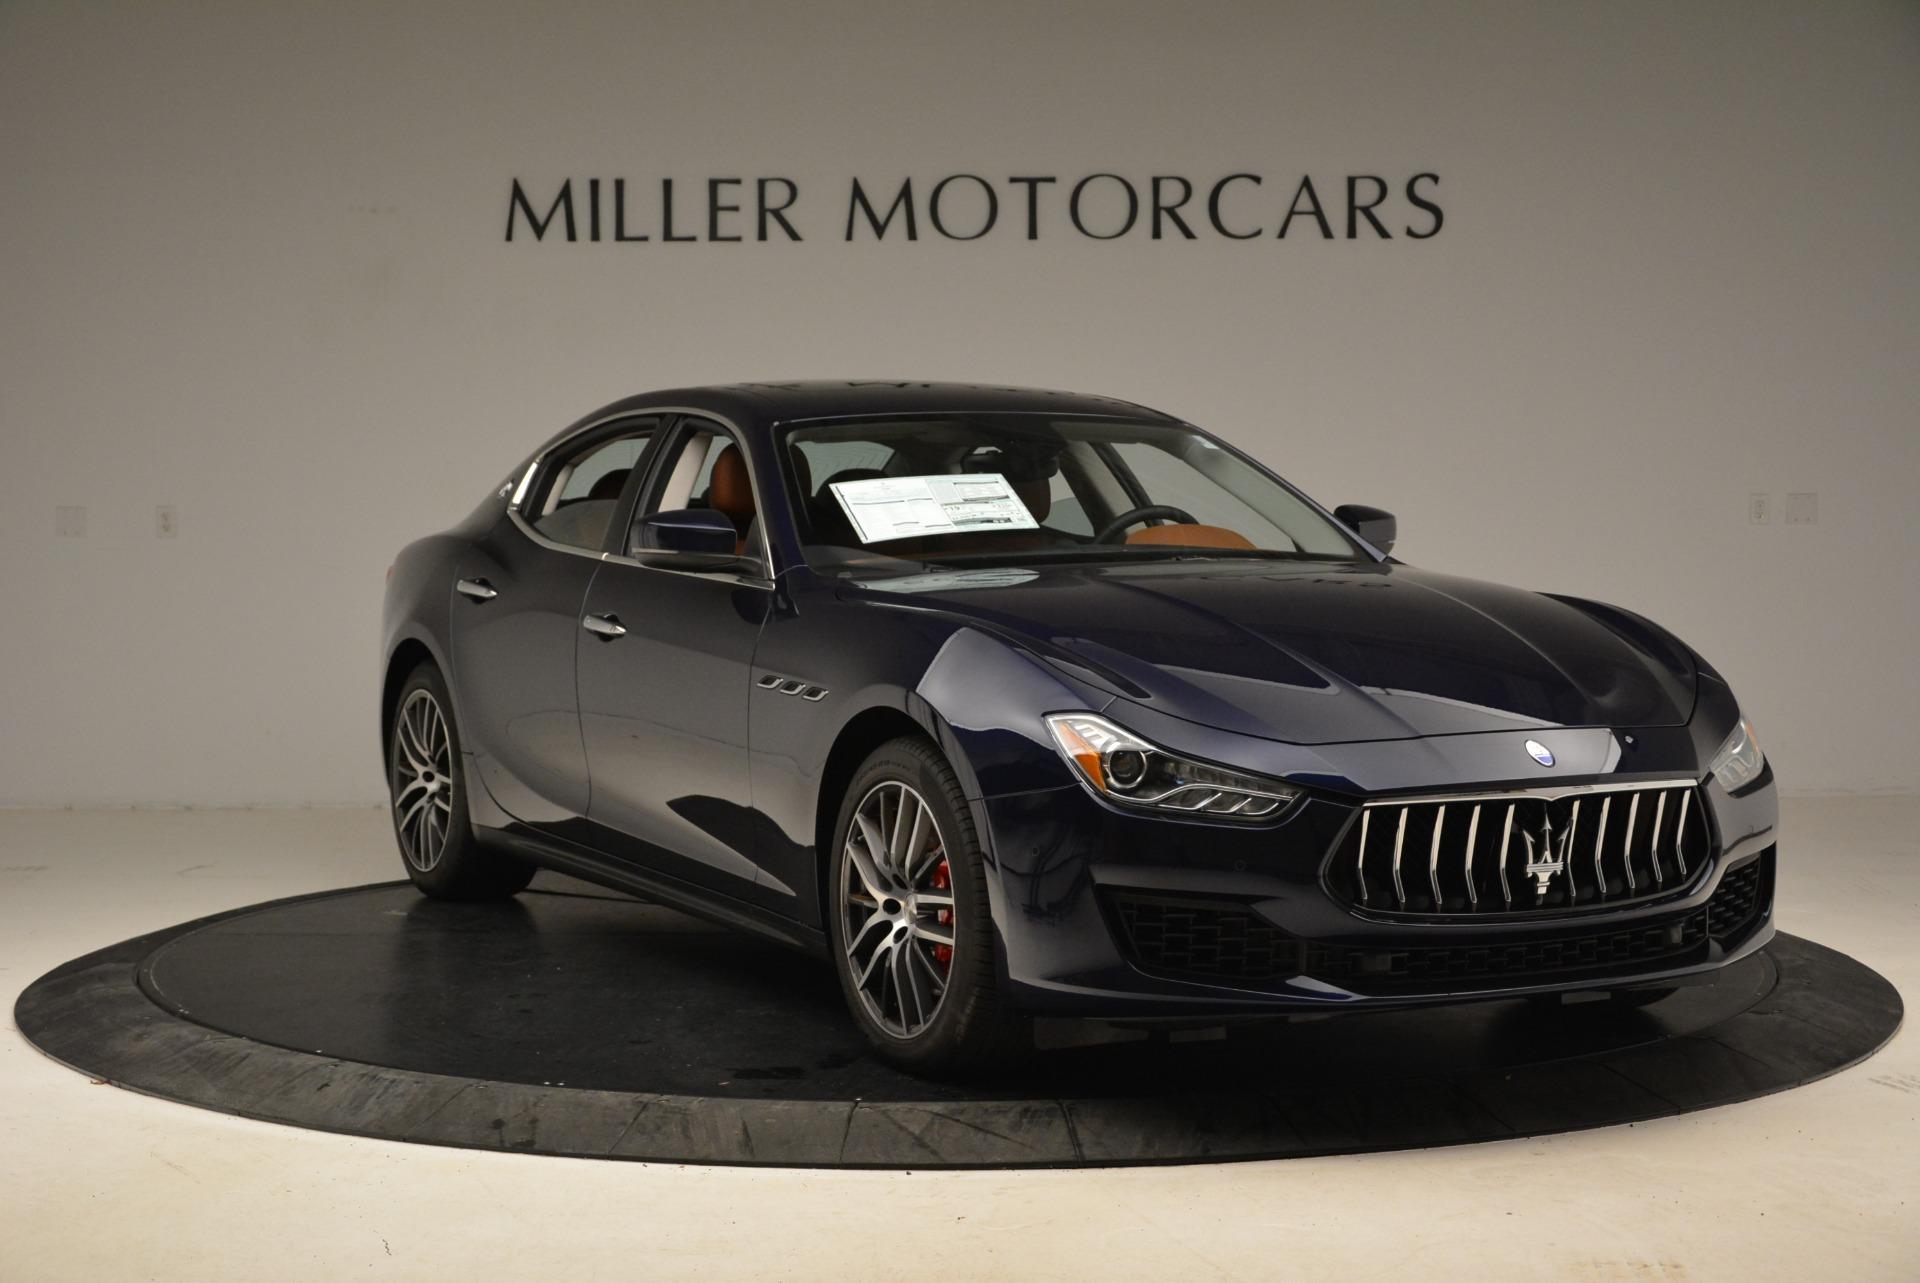 New 2019 Maserati Ghibli S Q4 For Sale In Greenwich, CT 3035_p11